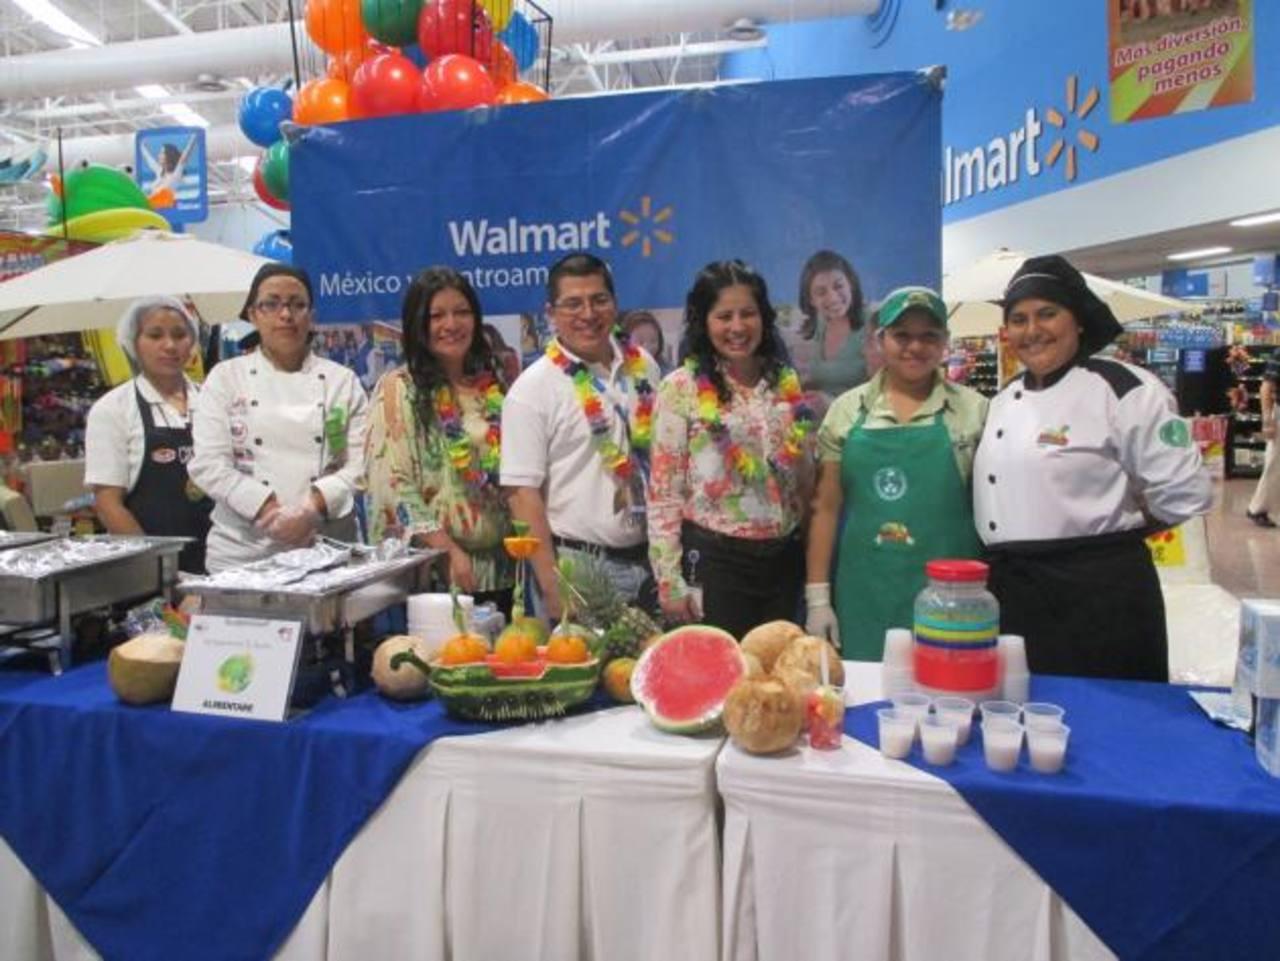 La cadena de supermercados está lista para recibir a sus clientes y darles grandes sorpresas y promociones durante esta temporada. Foto EDH / Cortesía